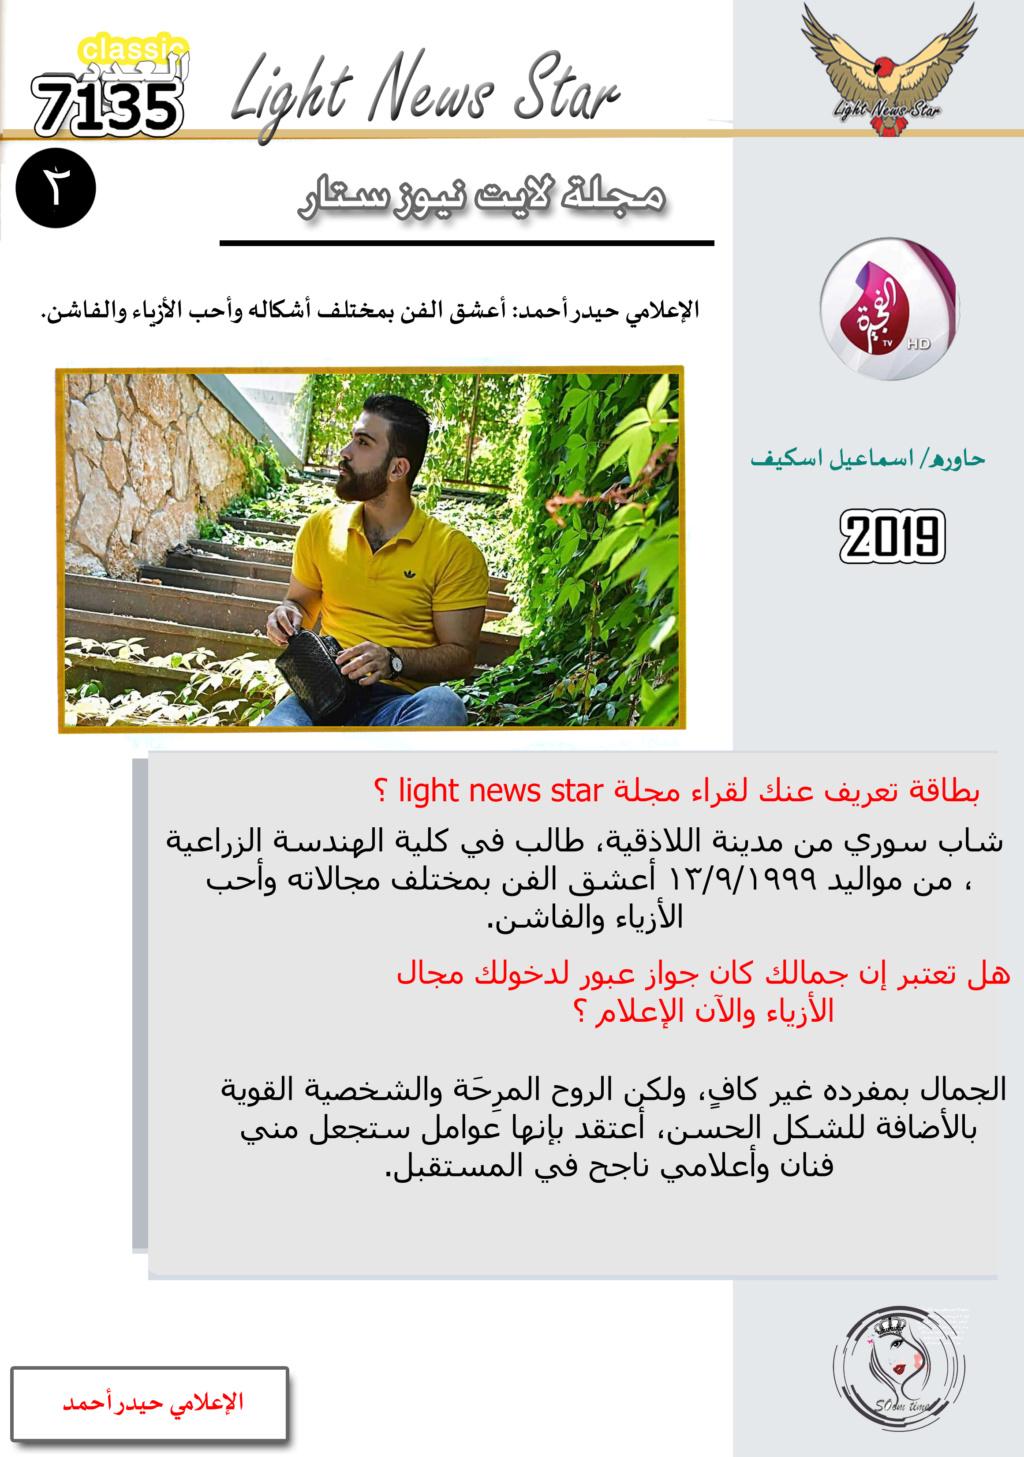 الإعلامي حيدر أحمد : أعشق الفن بمختلف أشكاله  وأحب الأزياء والفاشن. Yoc210